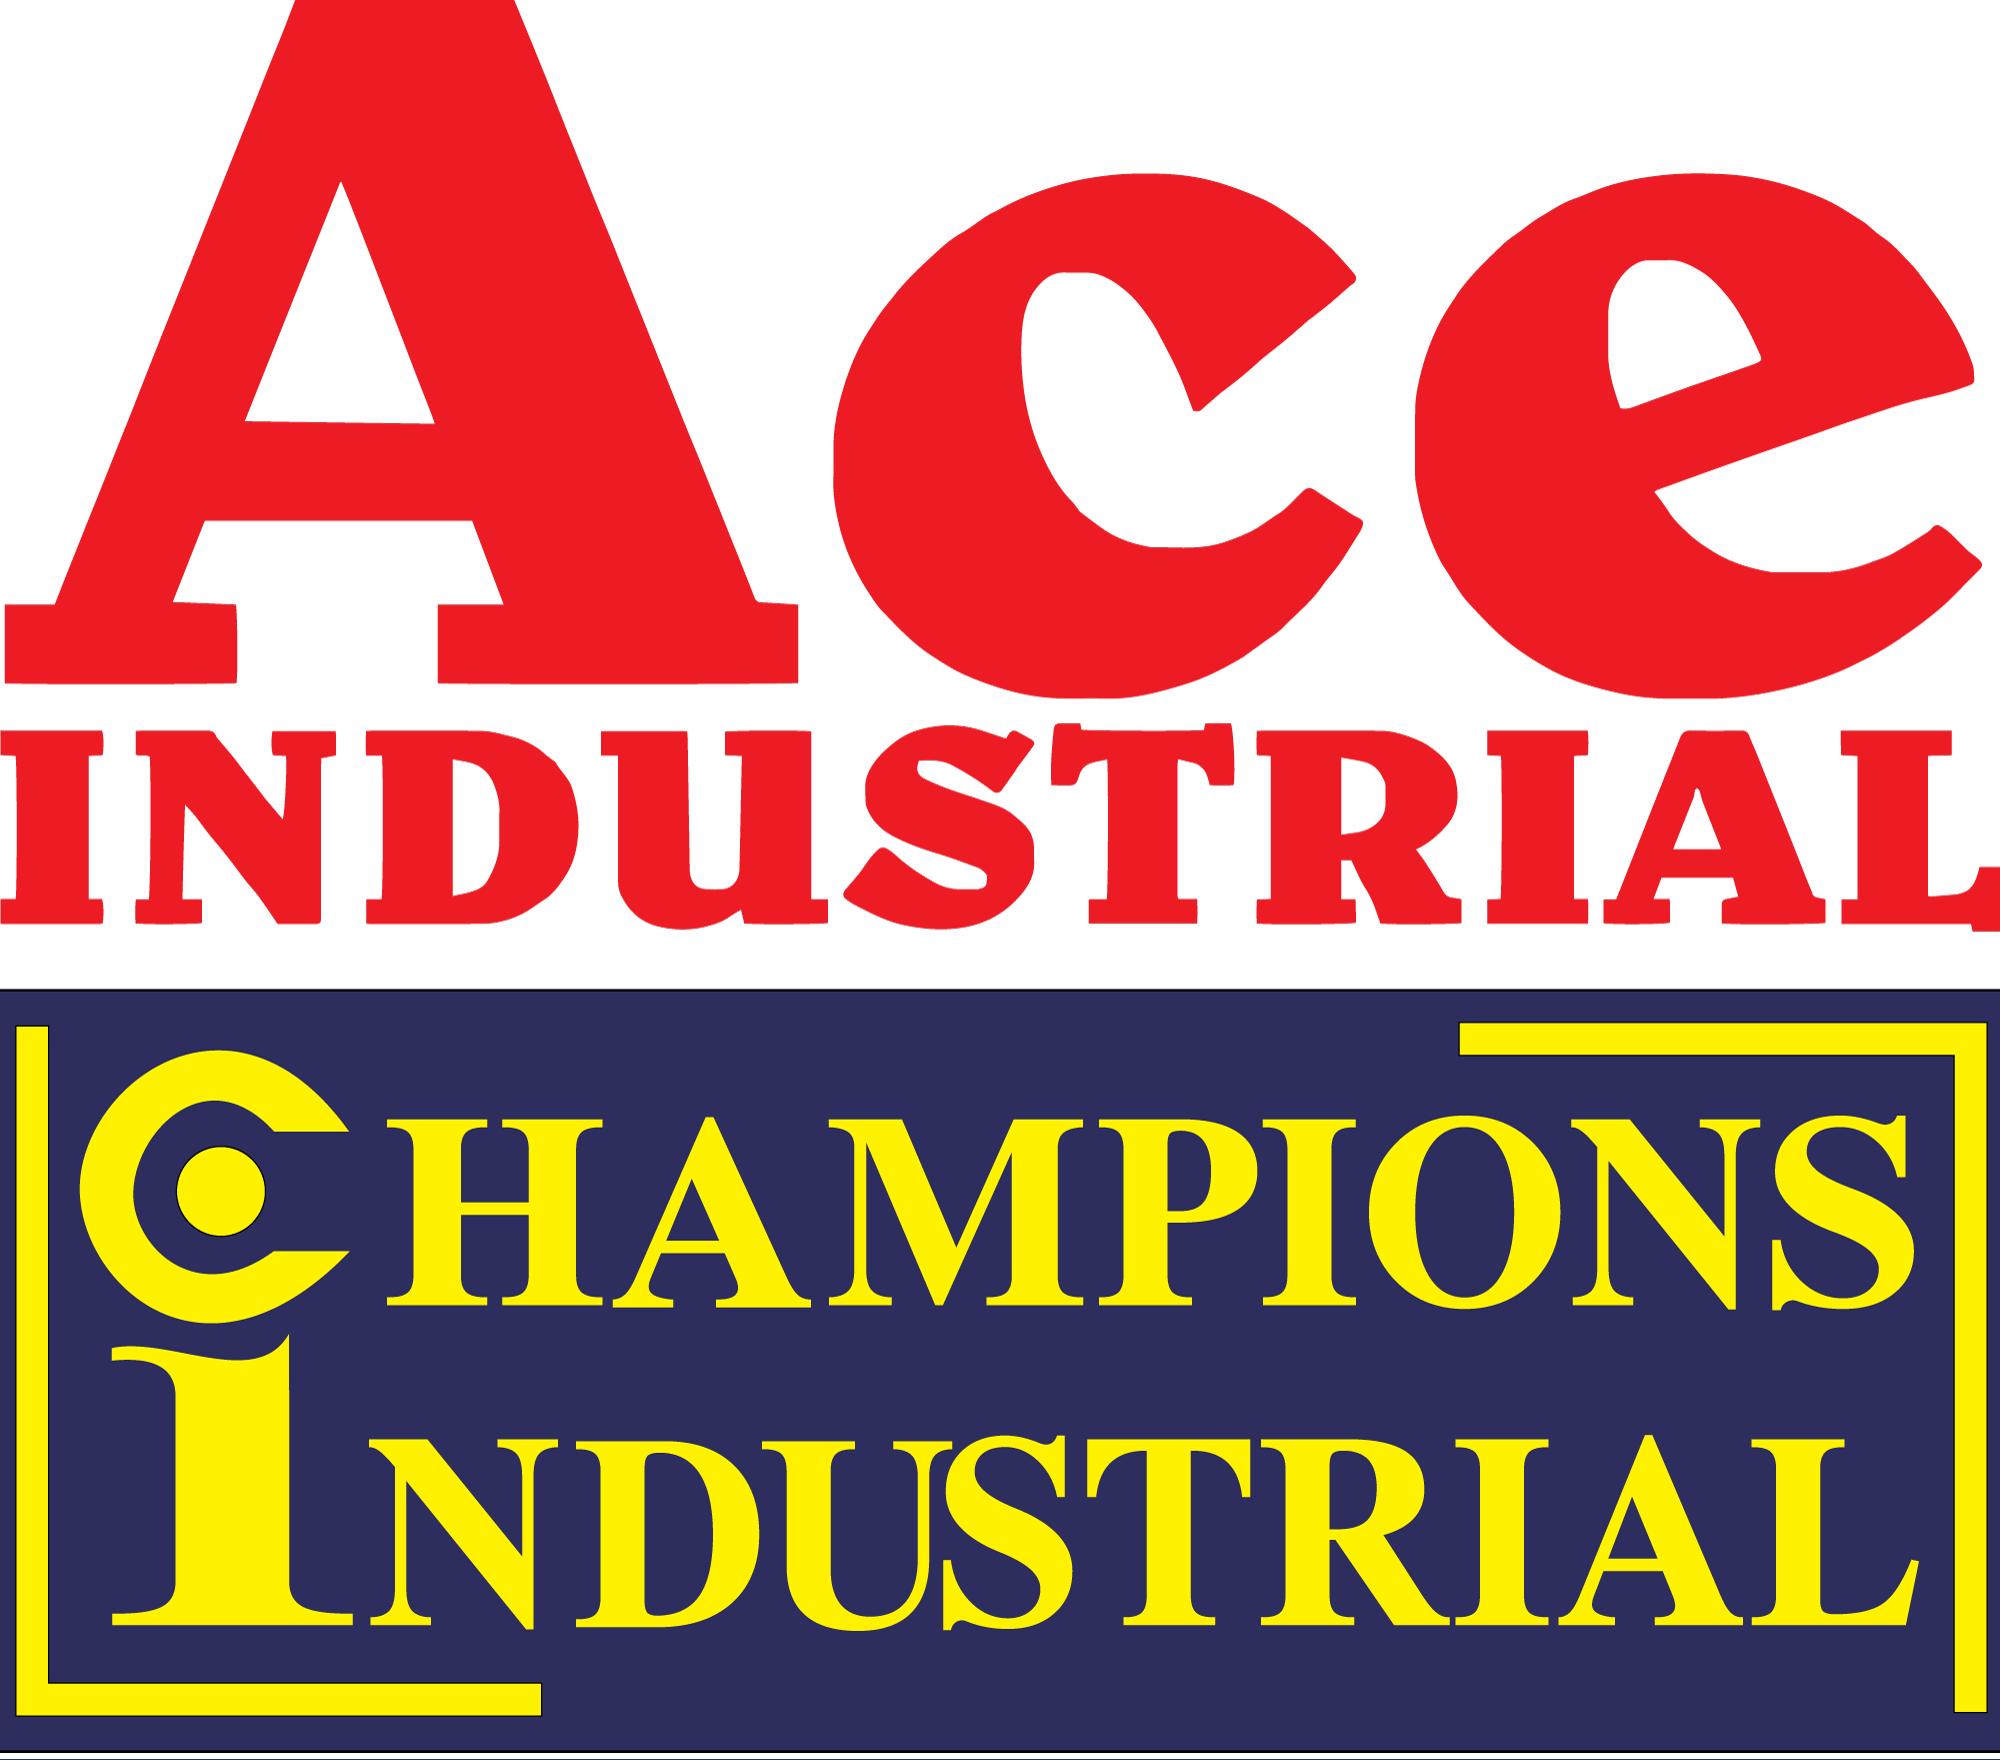 Ace HardwareA